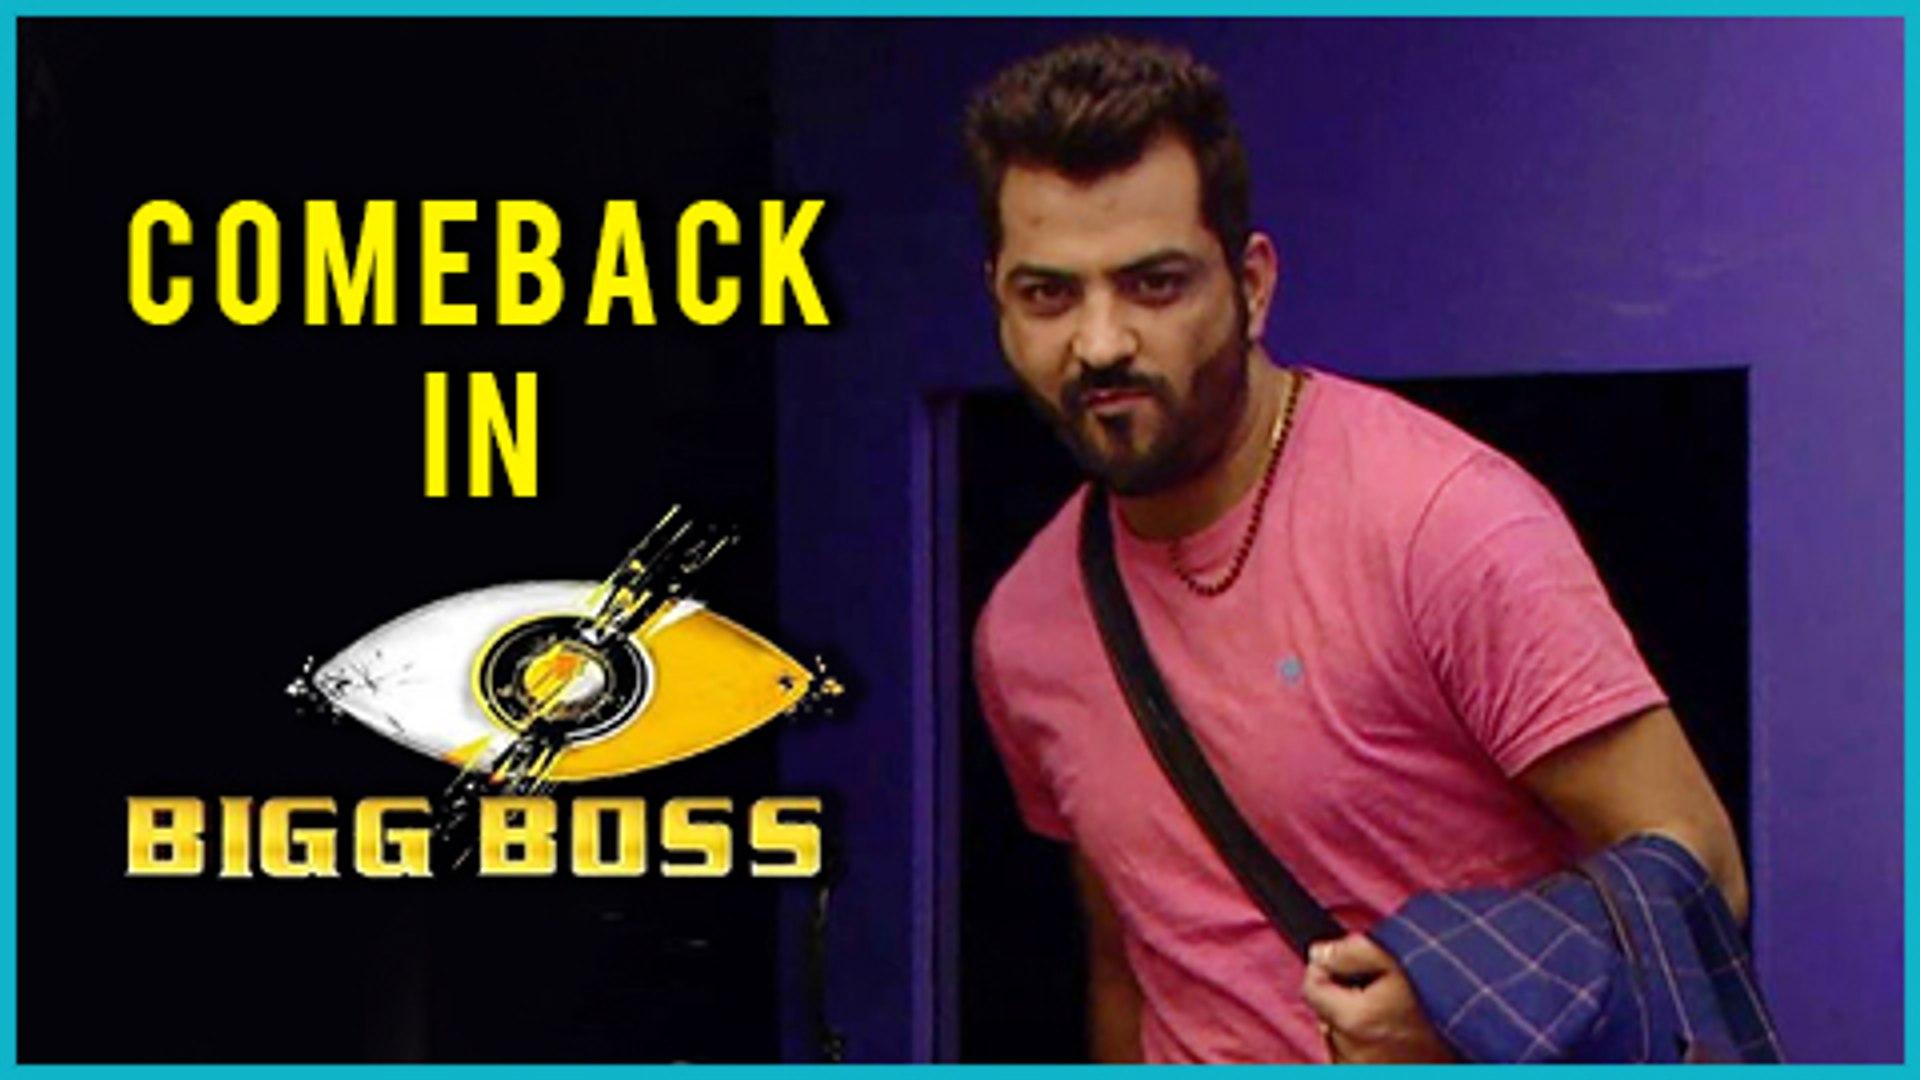 Bigg Boss 10 Contestant Manu Punjabi To ENTER Bigg Boss 11 This Week